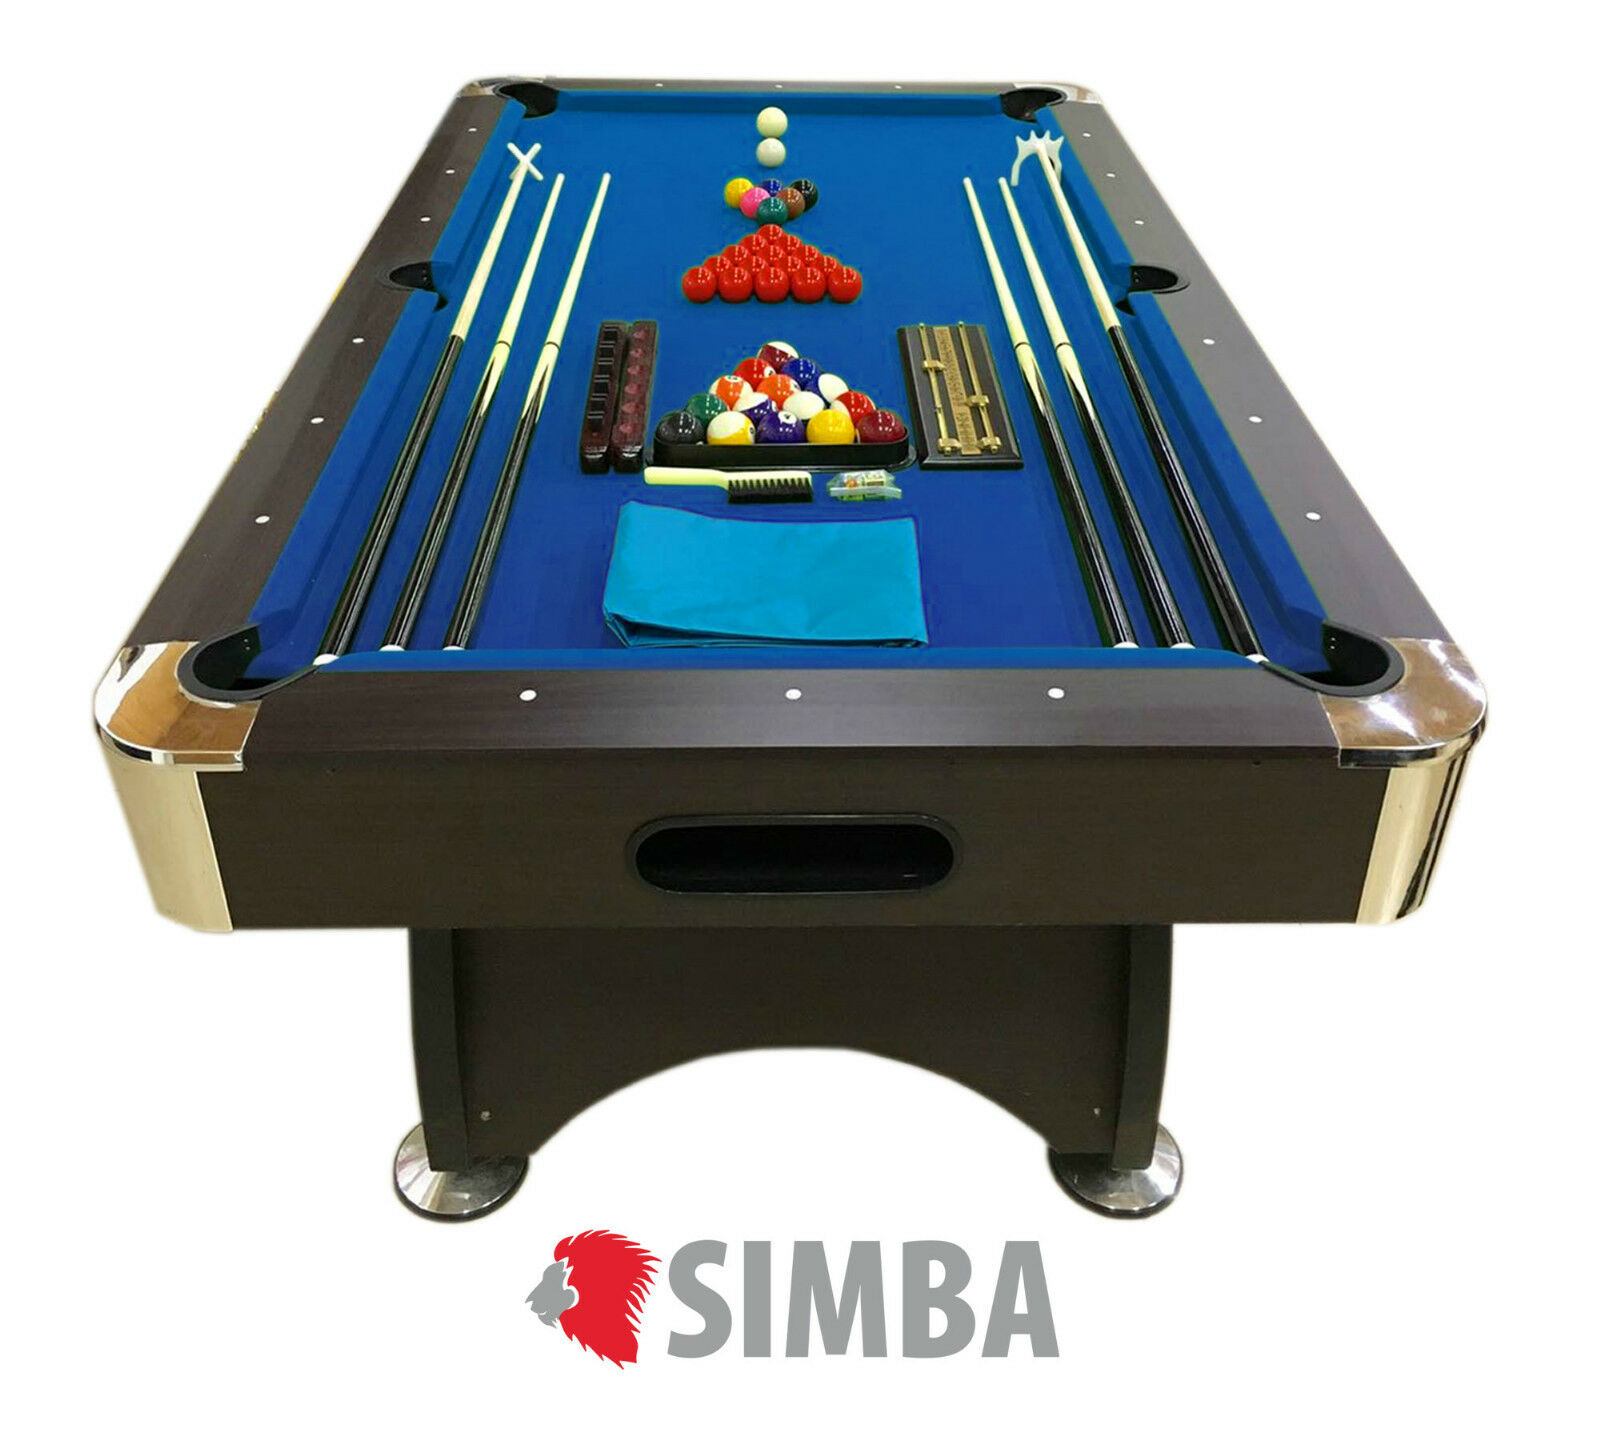 MESA BILLAR 7ft AMERICANO ASAS TAPIZADO bleu 188 x 96 Mod. bleu Sea FULL juego